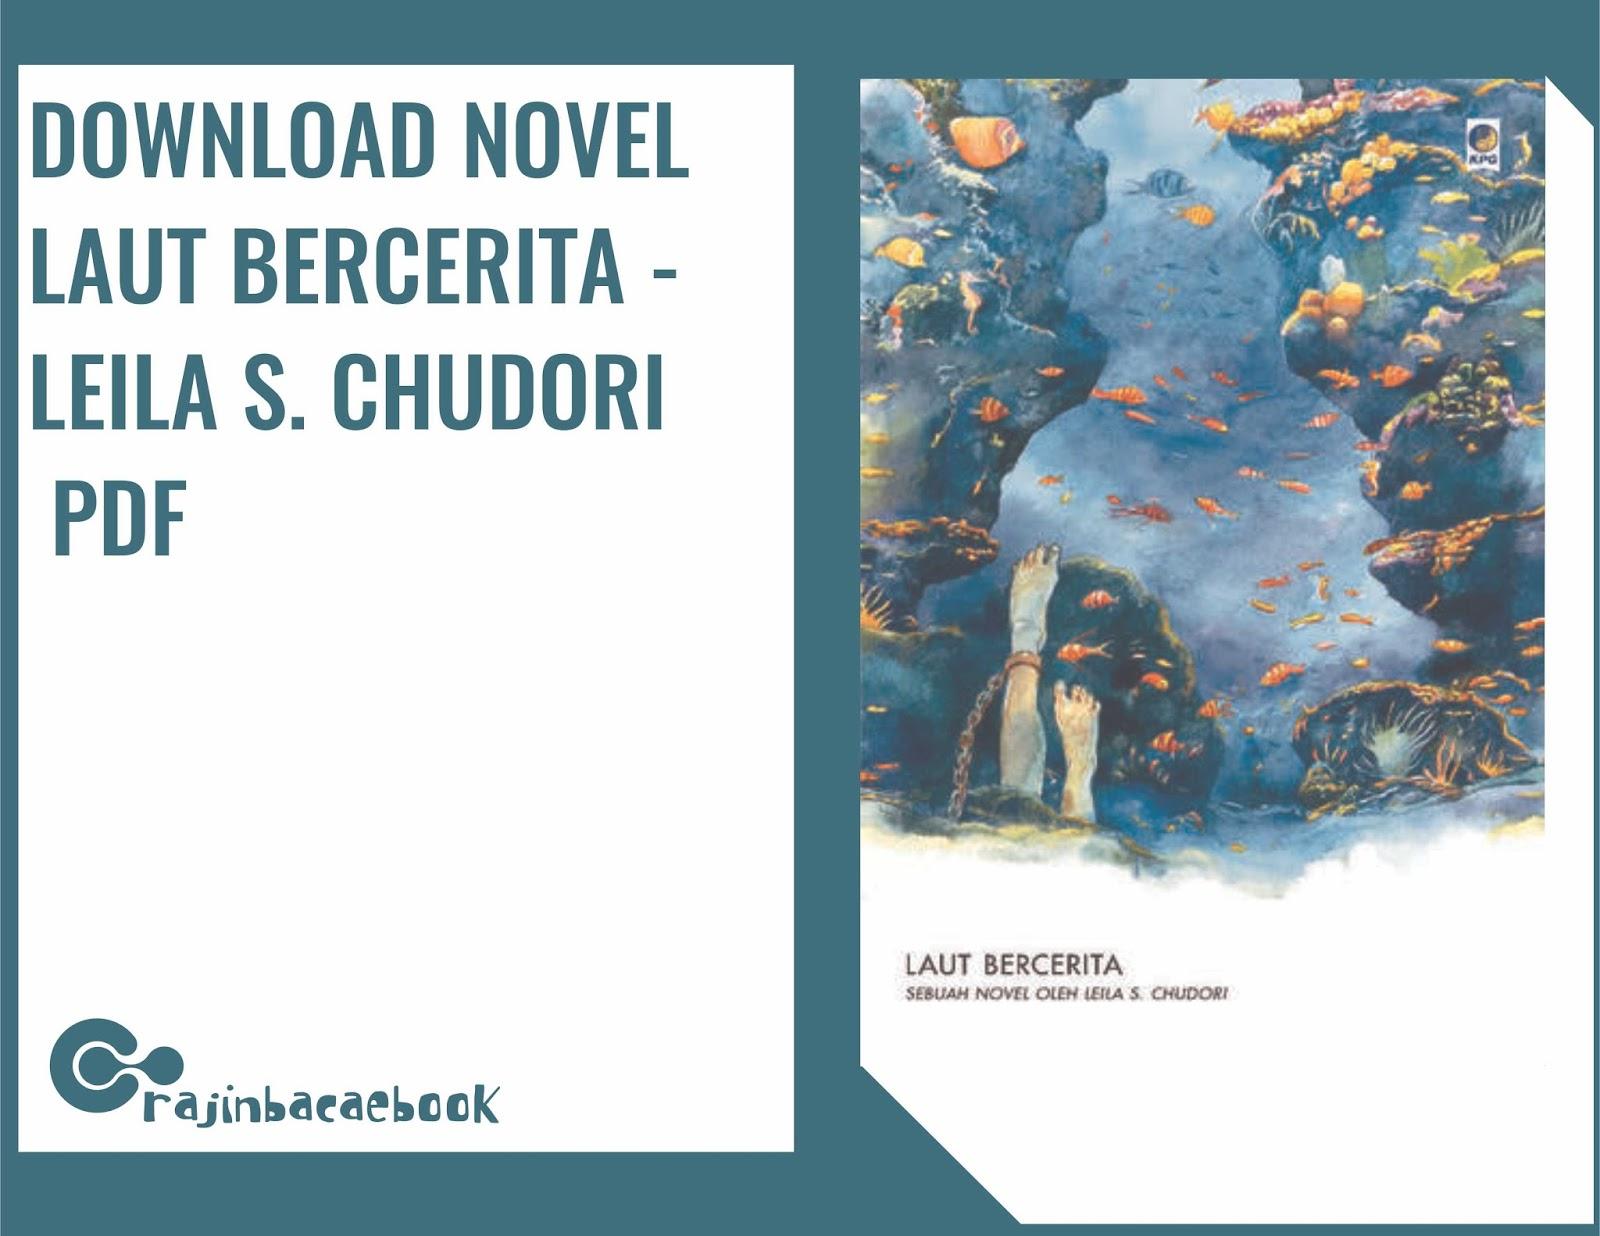 Ebook kitab download